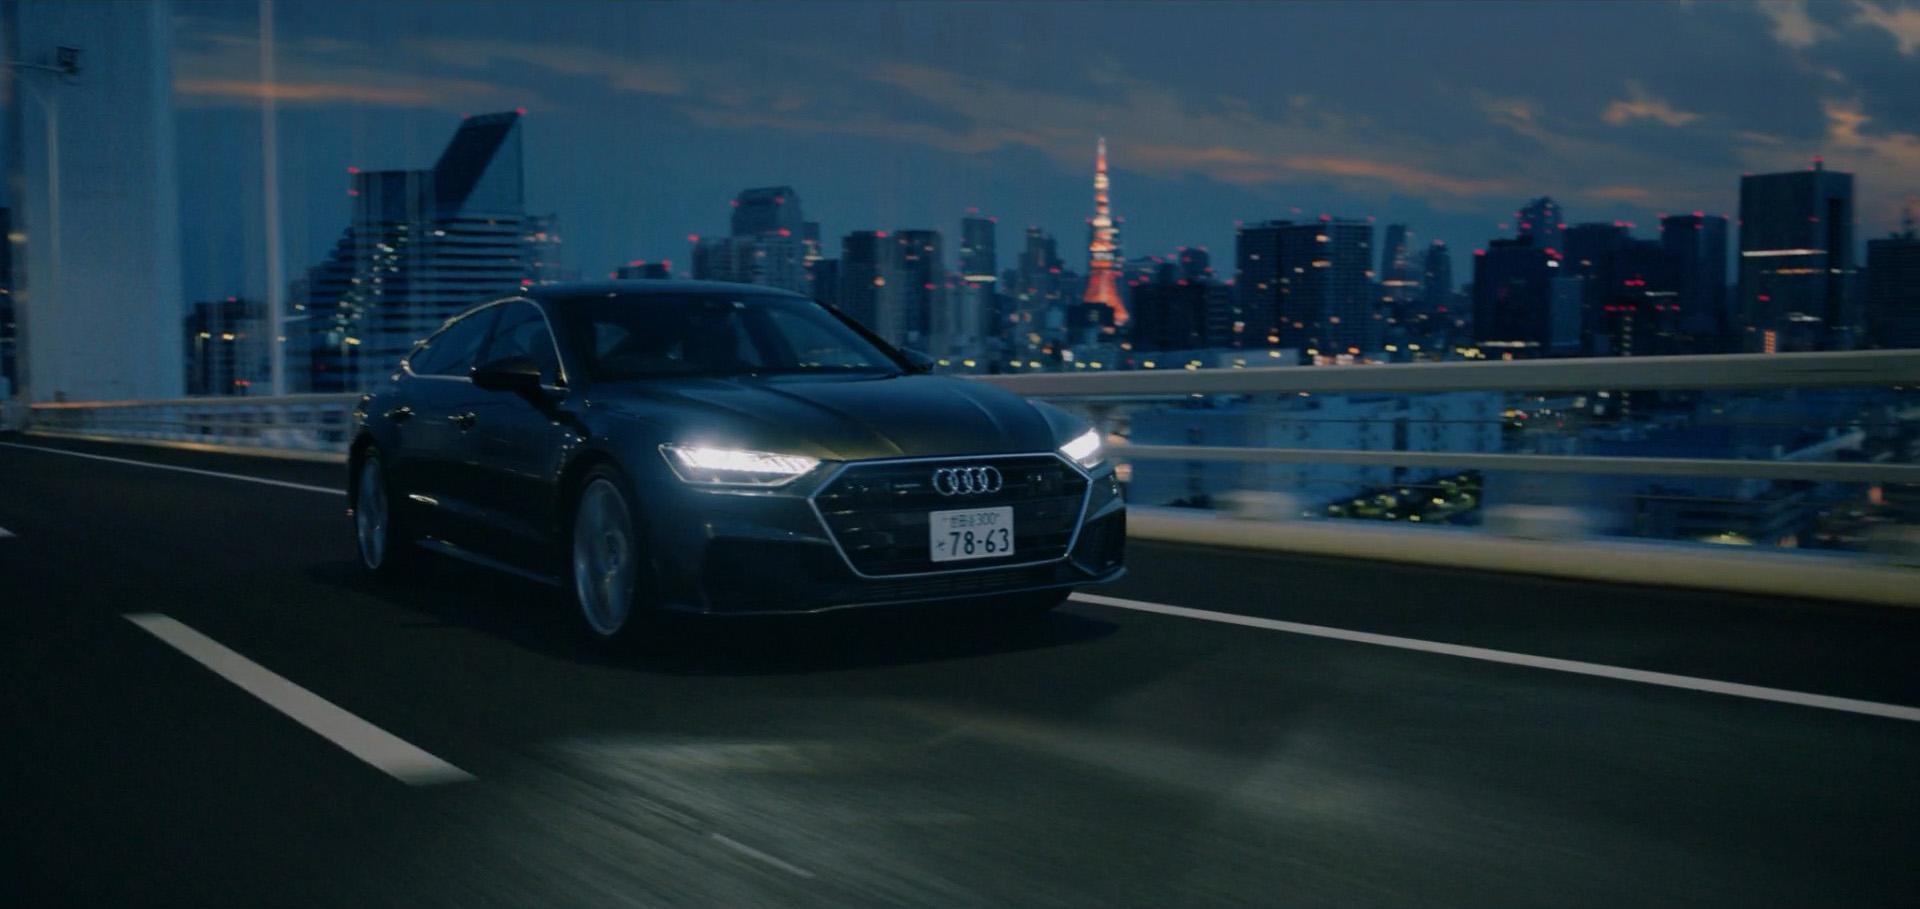 032 - Audi - Runner-0118